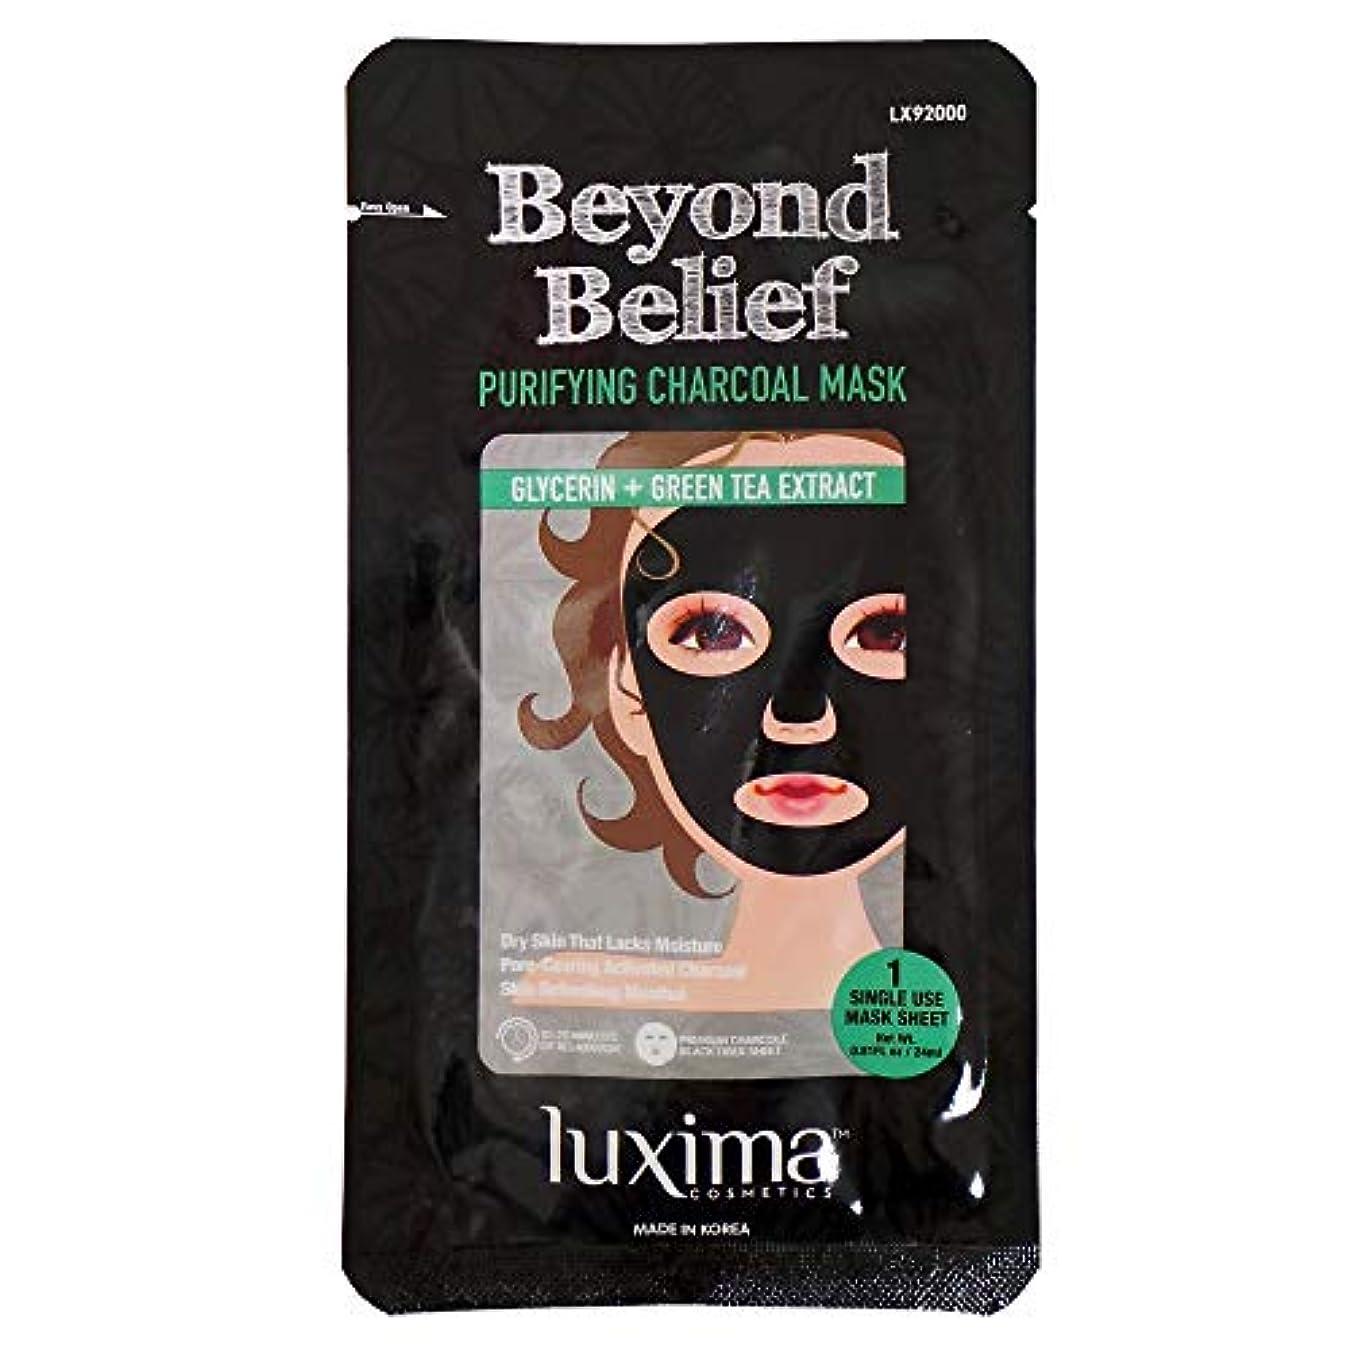 信頼性のある嬉しいです群衆LUXIMA Beyond Belief Purifying Charcoal Mask (並行輸入品)